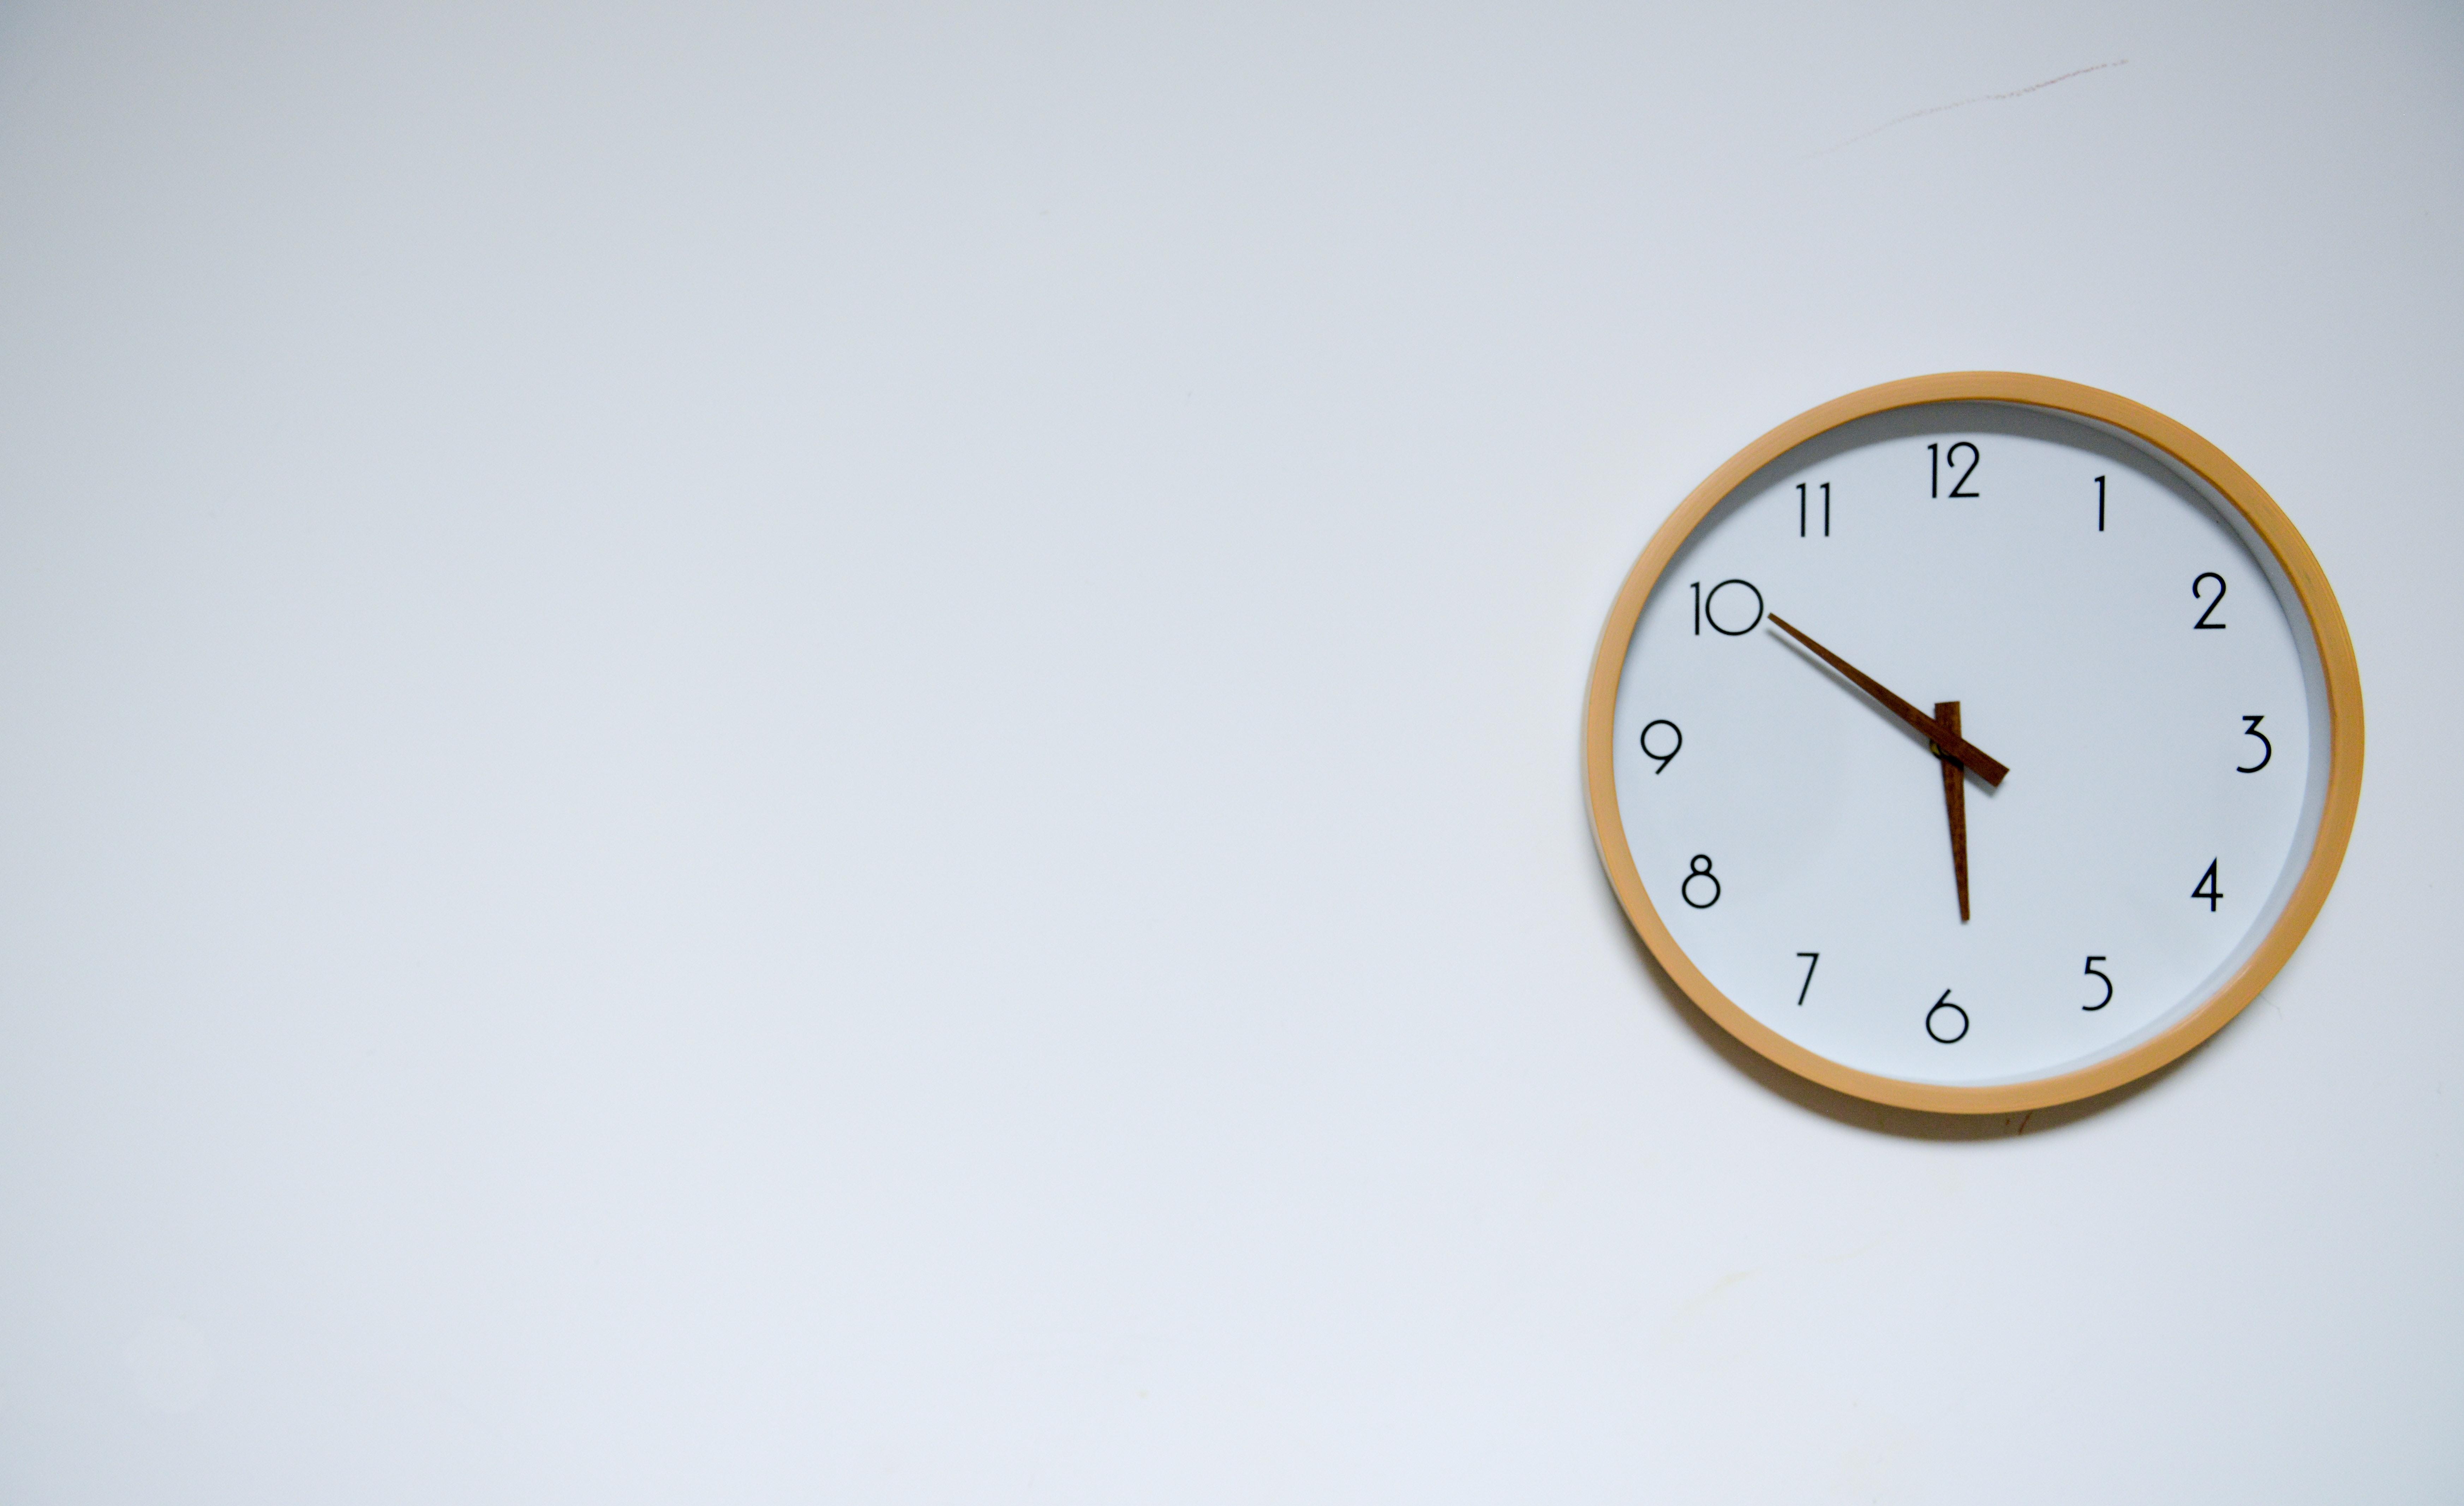 Правила экономии времени: освобождаем 30 минут каждый день